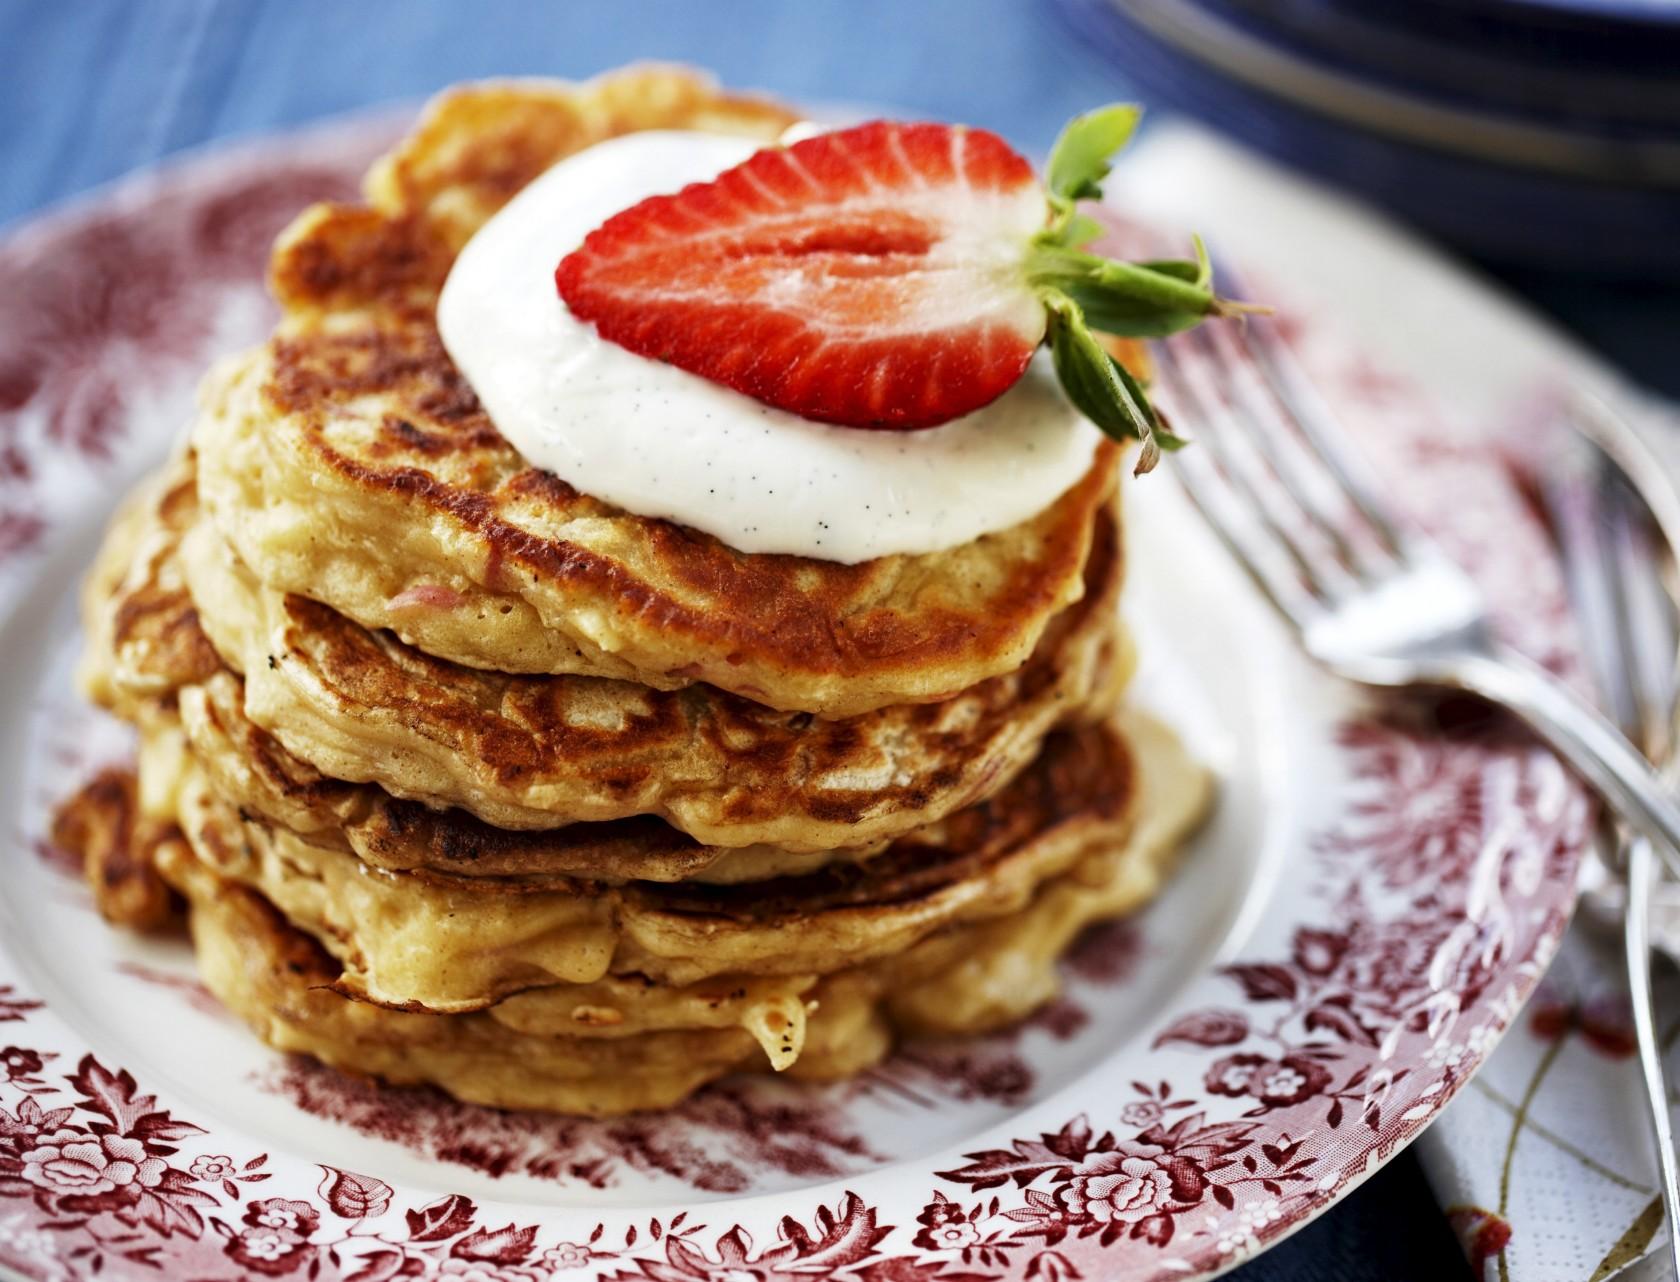 Små lækre pandekager med vaniljecreme. Mums!